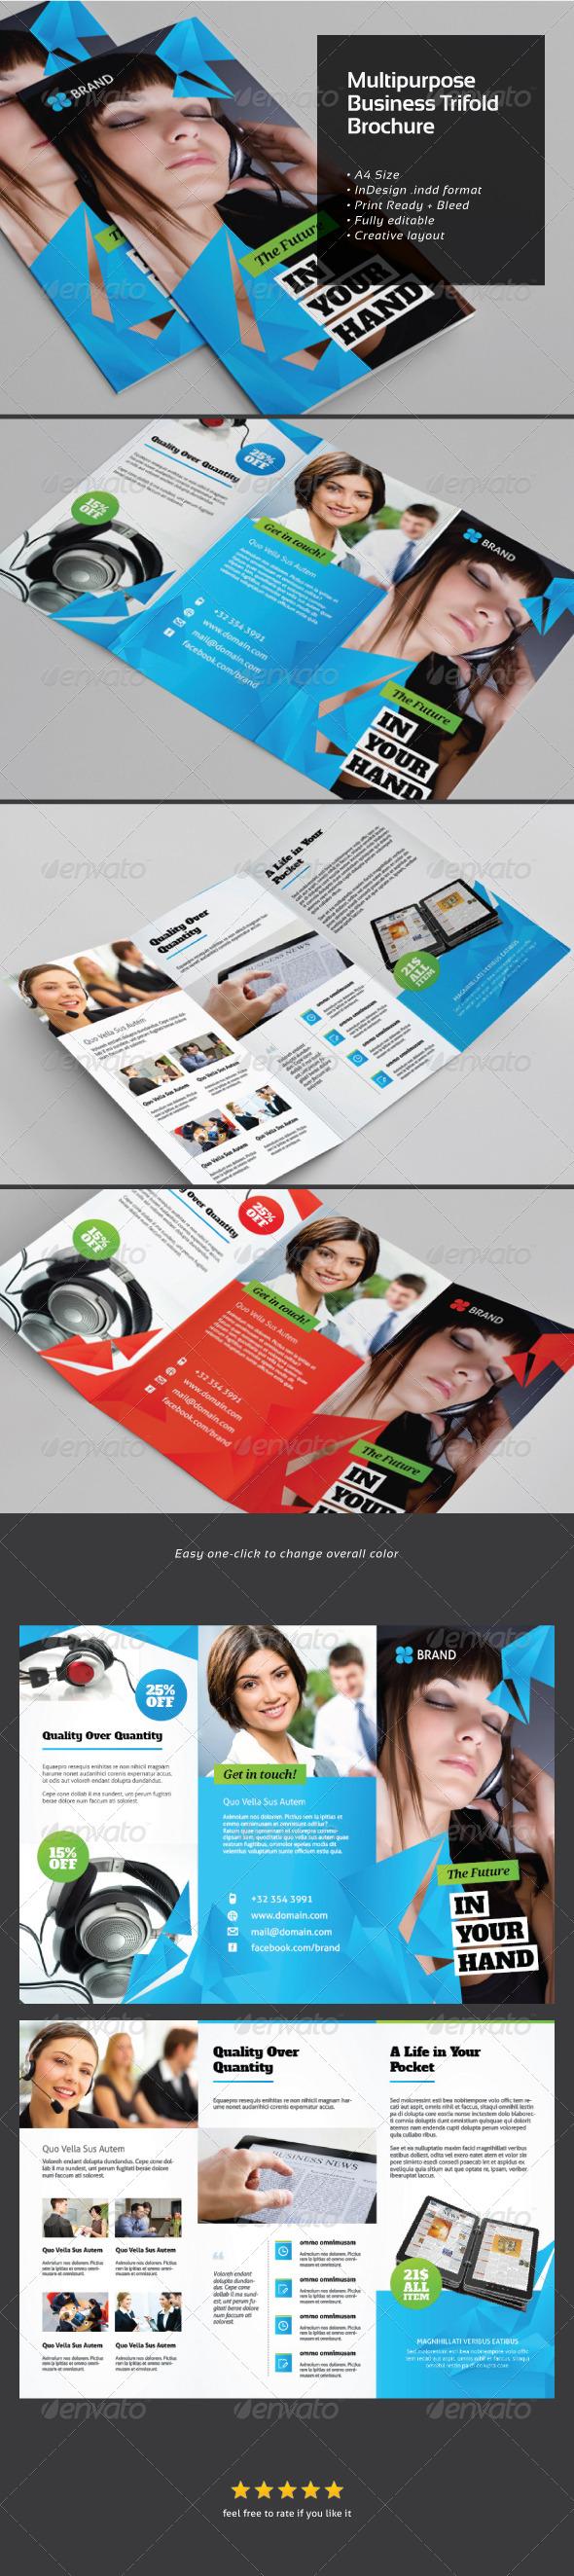 GraphicRiver Multi-purposes Business Trifold Brochure 6160522